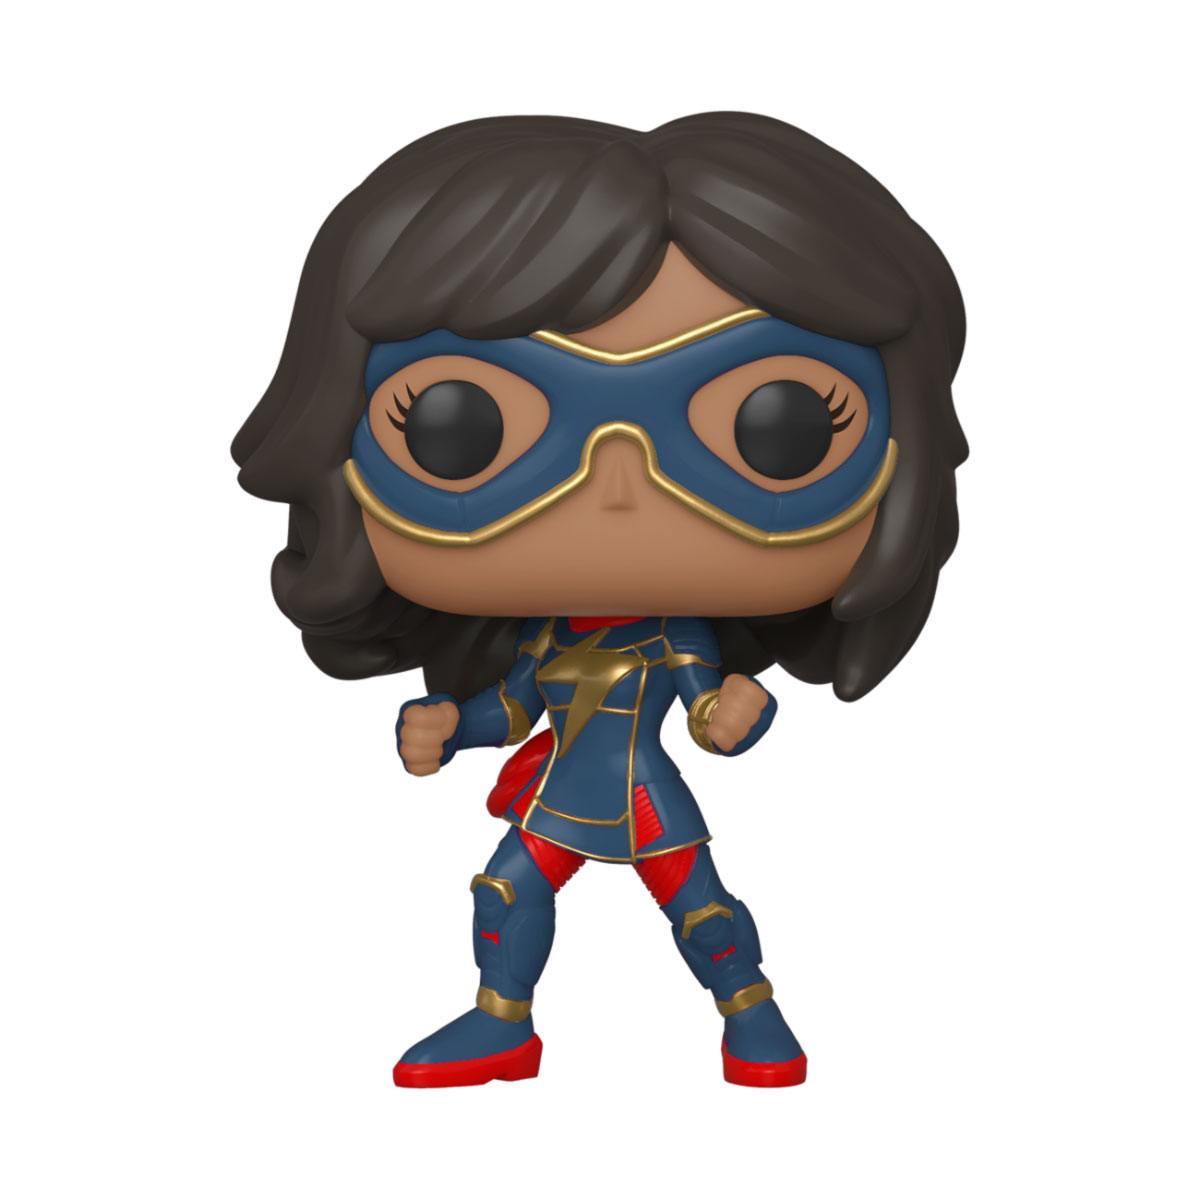 Marvel's Avengers (2020 video game) POP! Marvel Vinyl Figure Kamala Khan (Ms Marvel) 9 cm